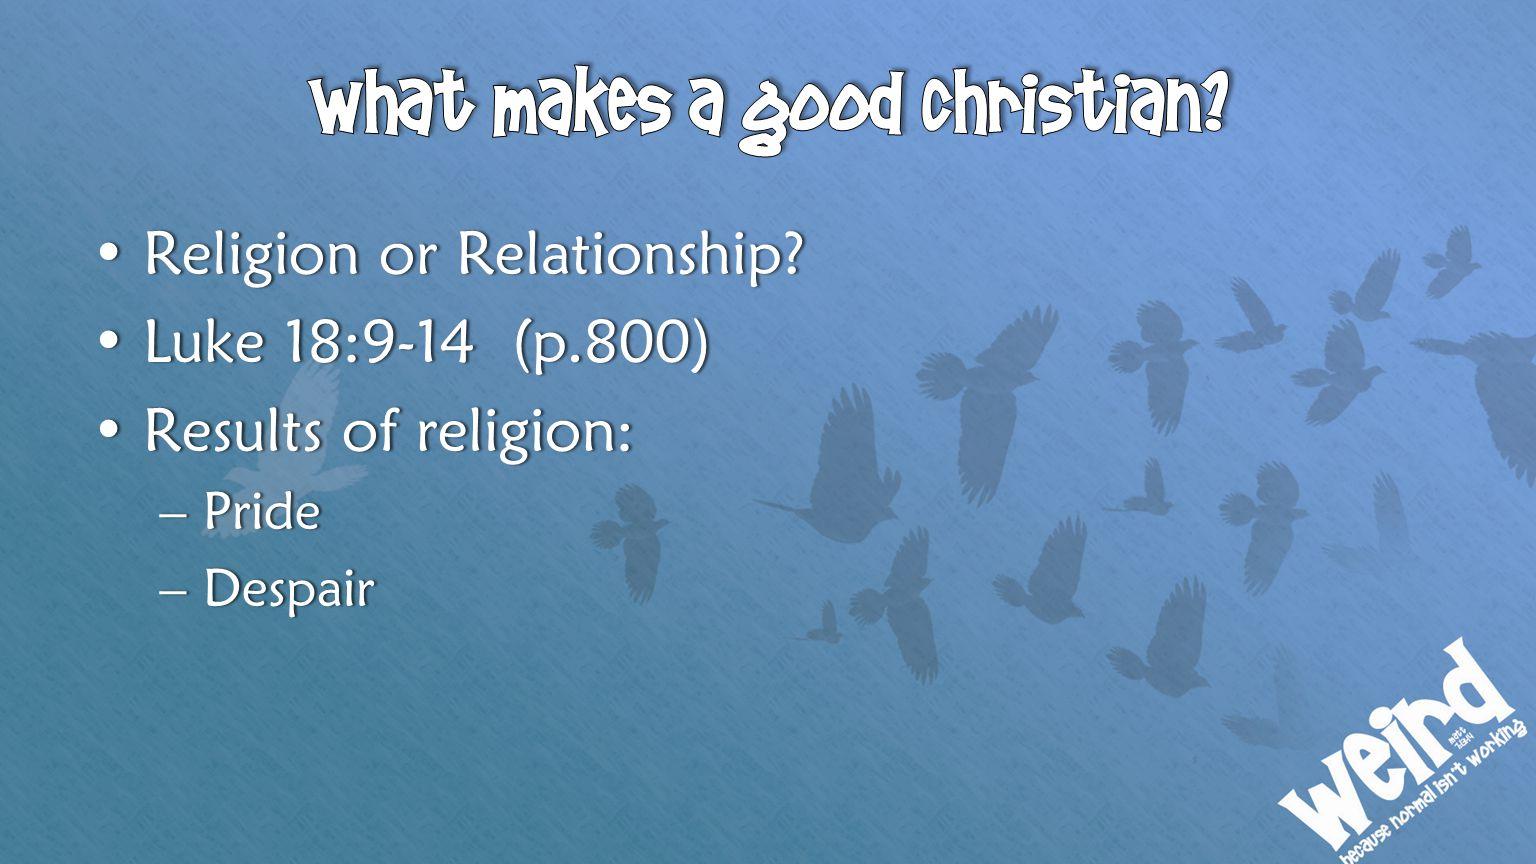 Religion or Relationship?Religion or Relationship? Luke 18:9-14 (p.800)Luke 18:9-14 (p.800) Results of religion:Results of religion: –Pride–Pride –Des